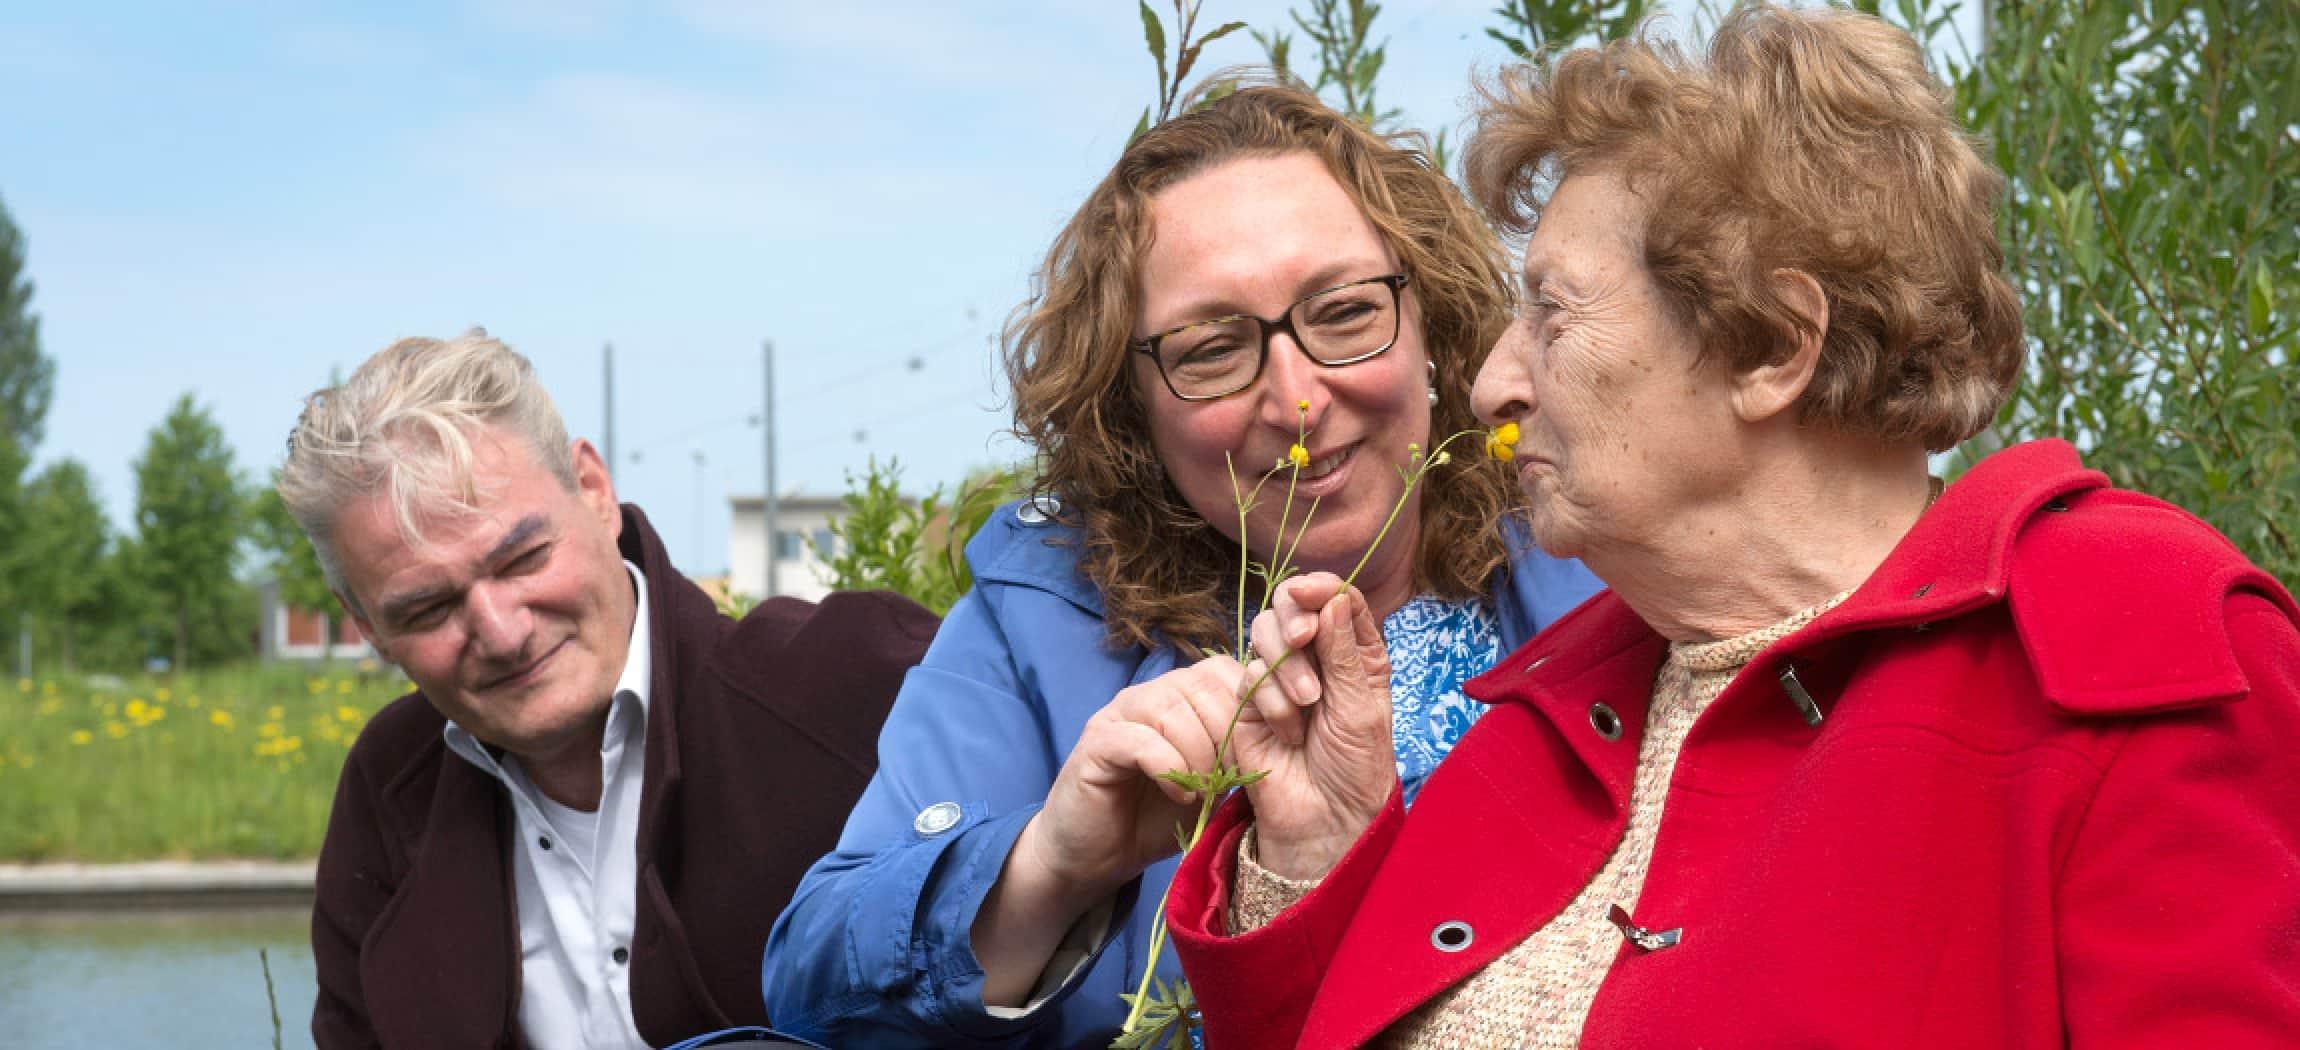 Jonge en oudere vrouw ruiken aan een bloem in de natuur